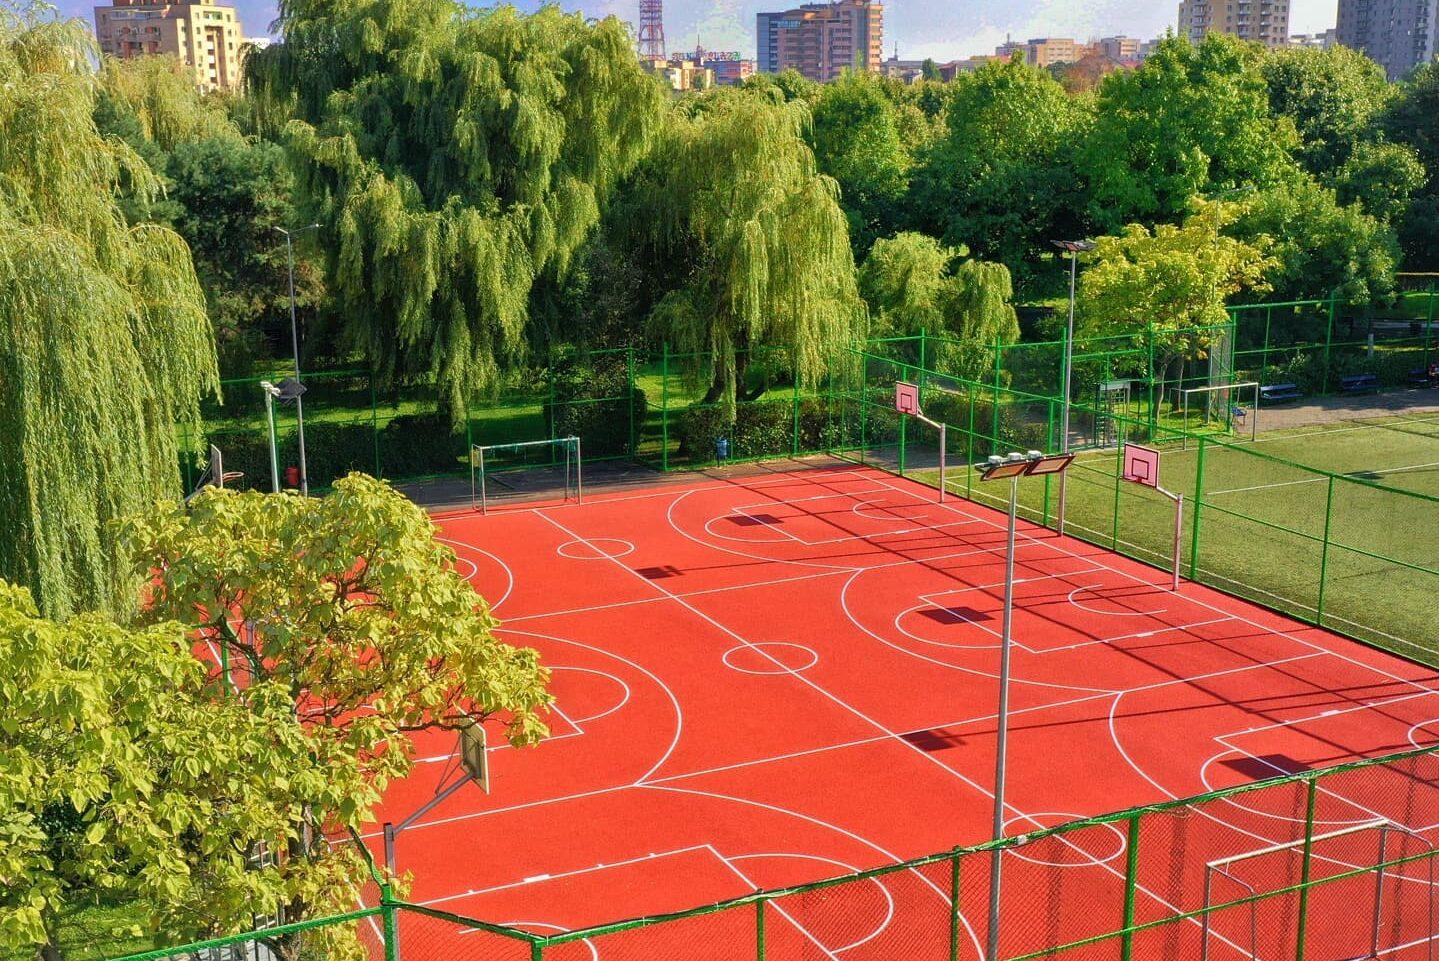 Terenuri sport Lumea Copiilor